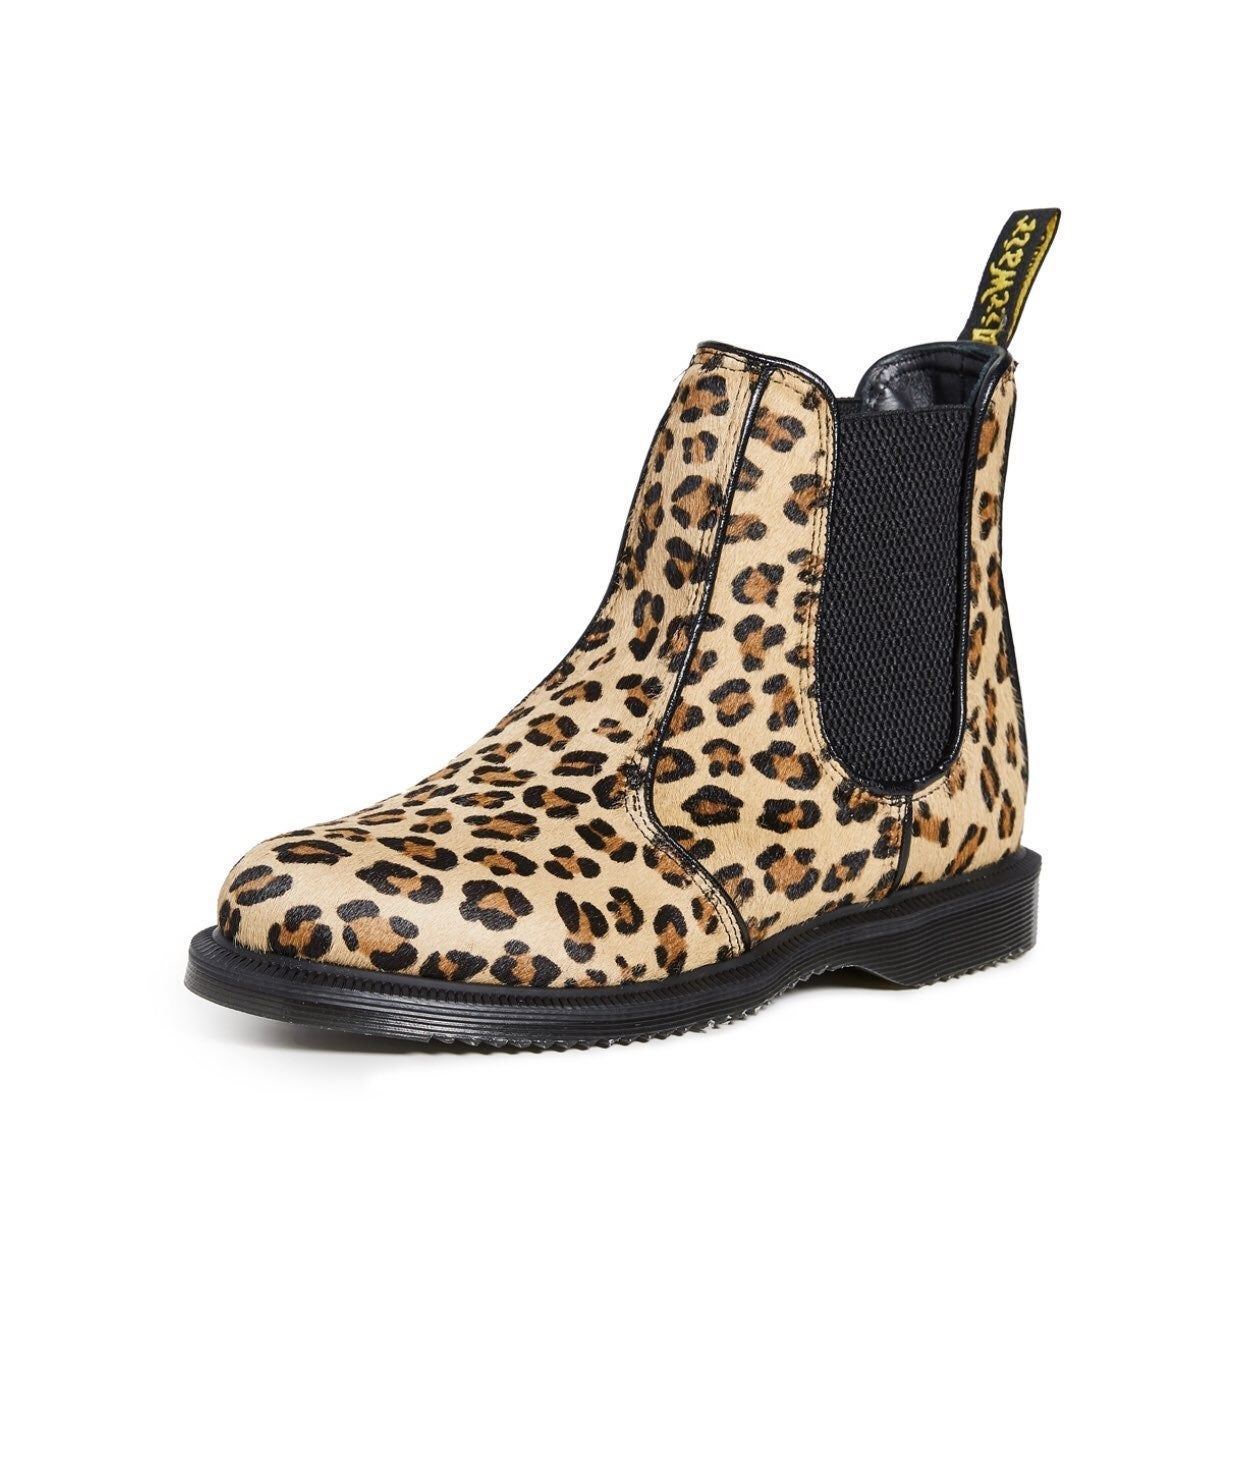 Dr. Martens Leopard Boots | Mercari